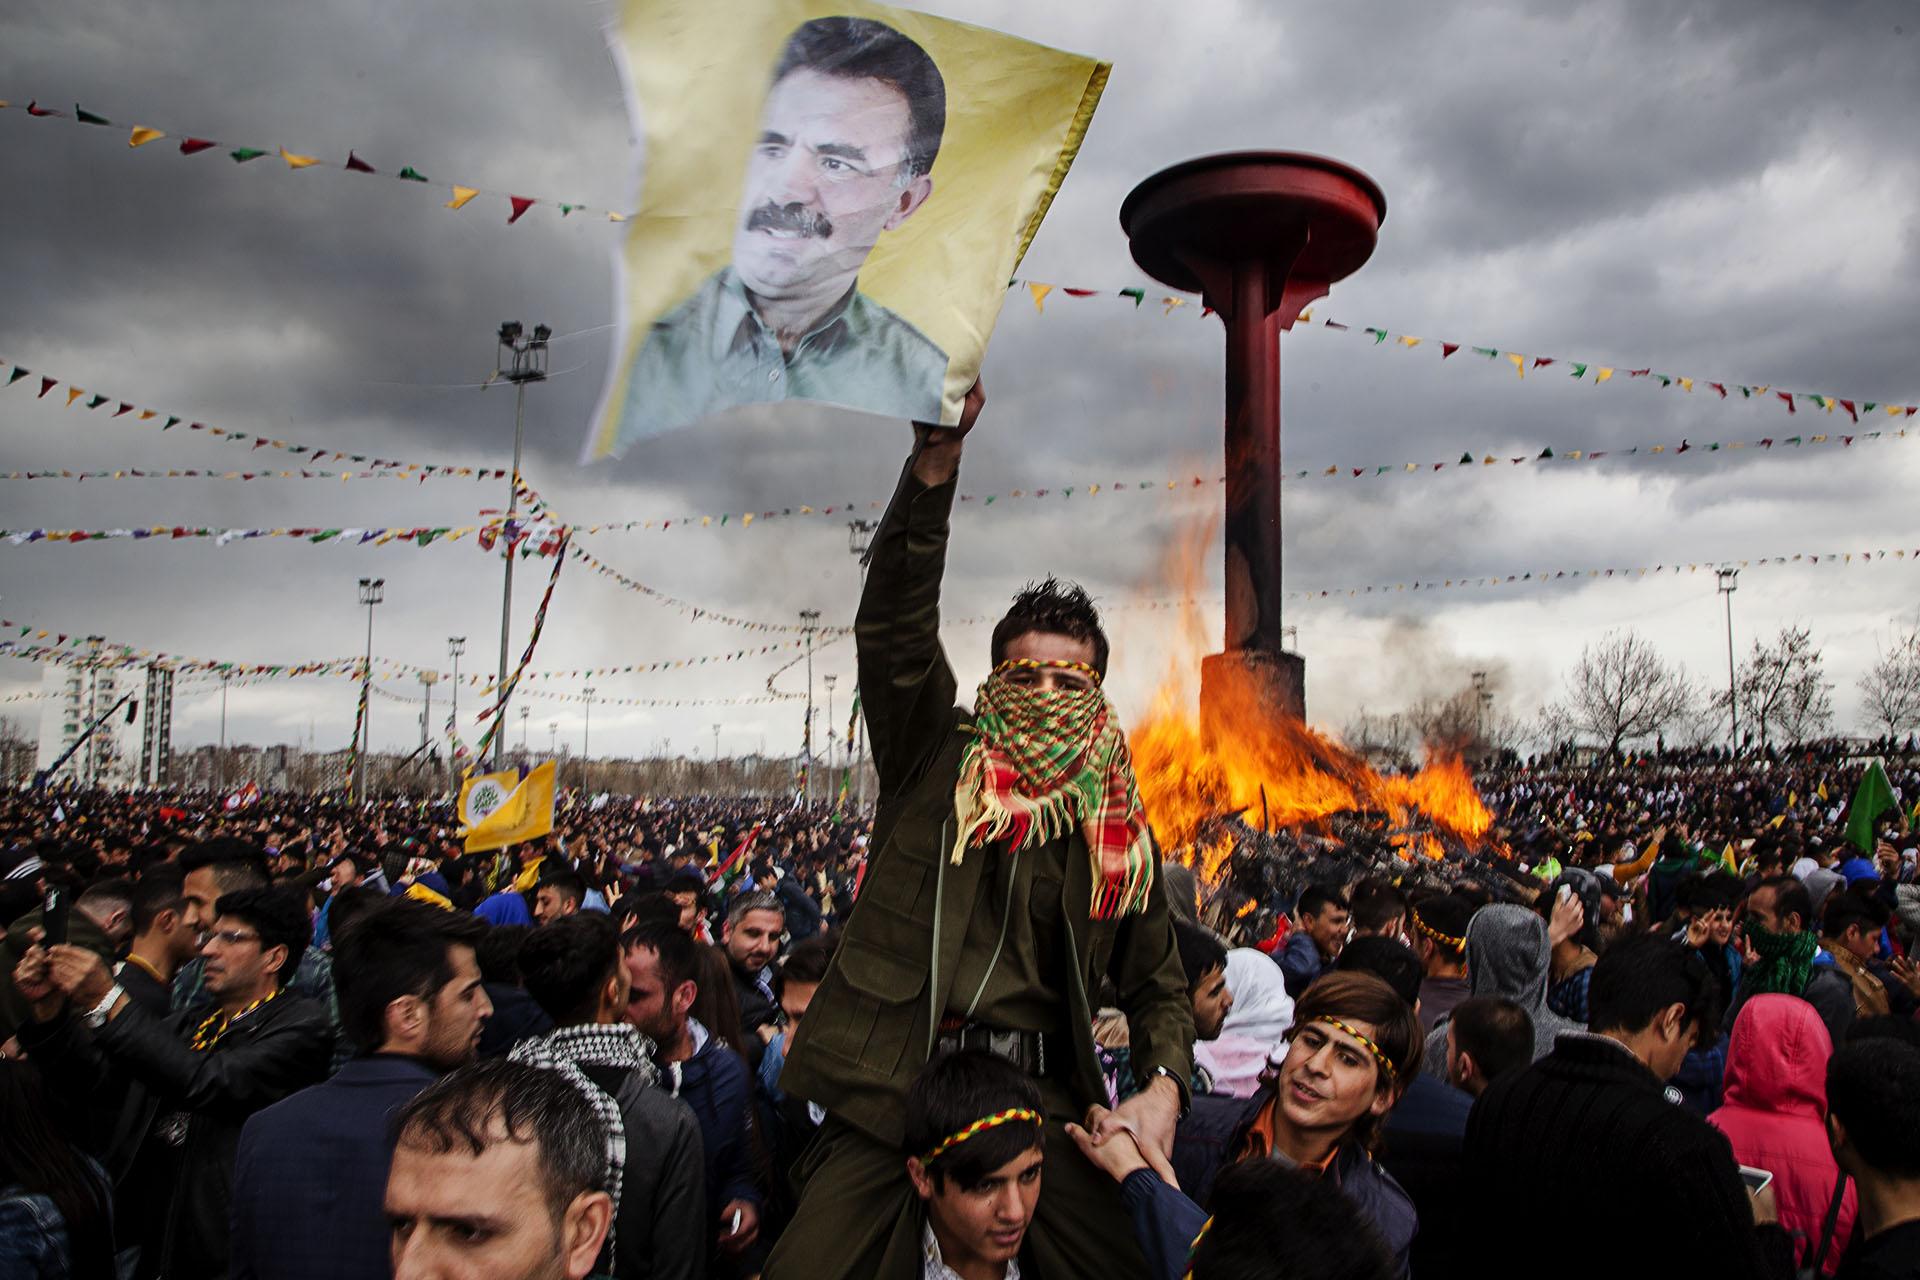 Un joven sostiene una bandera con el rostro de Abdullah Öcallan, líder del PKK, en prisión desde 1.999.